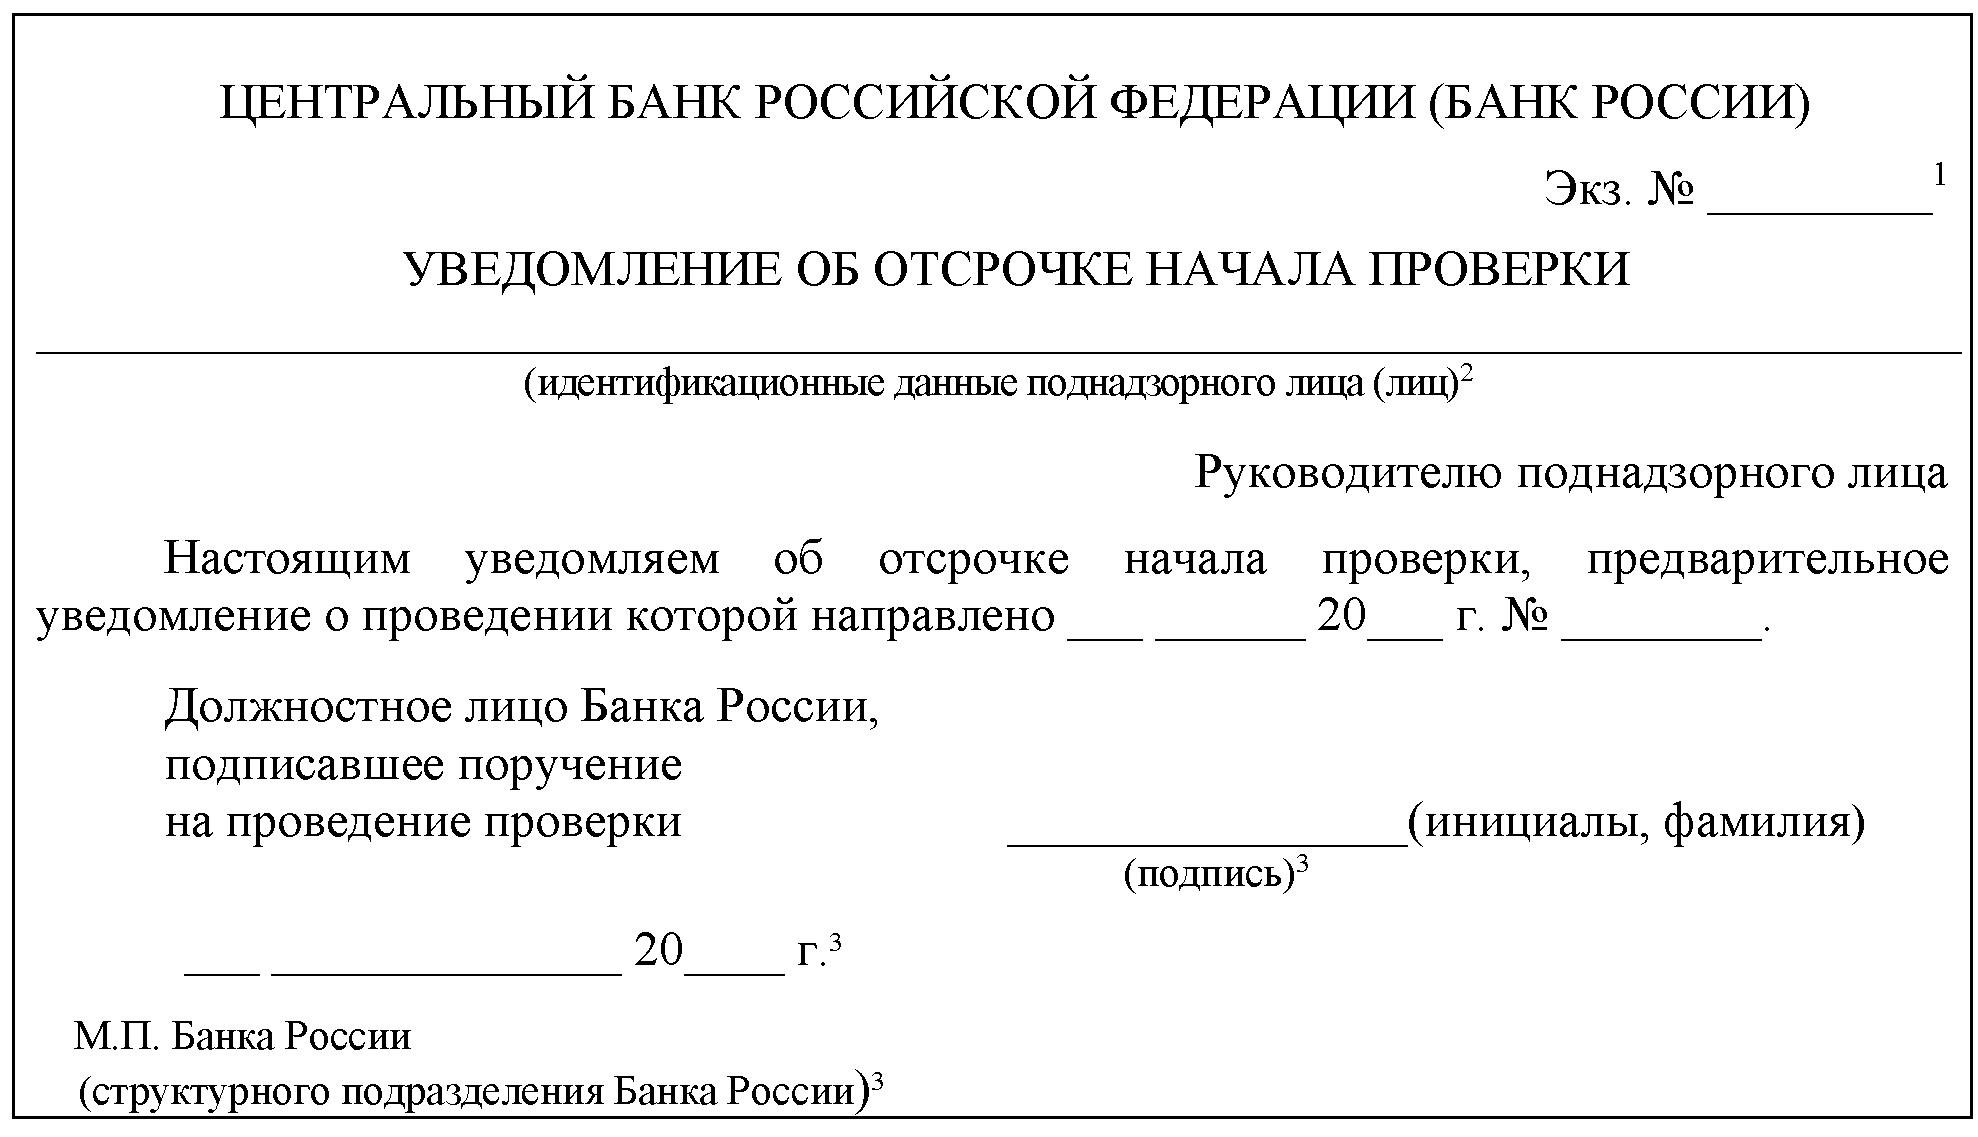 Книга государственной регистрации кредитных организаций